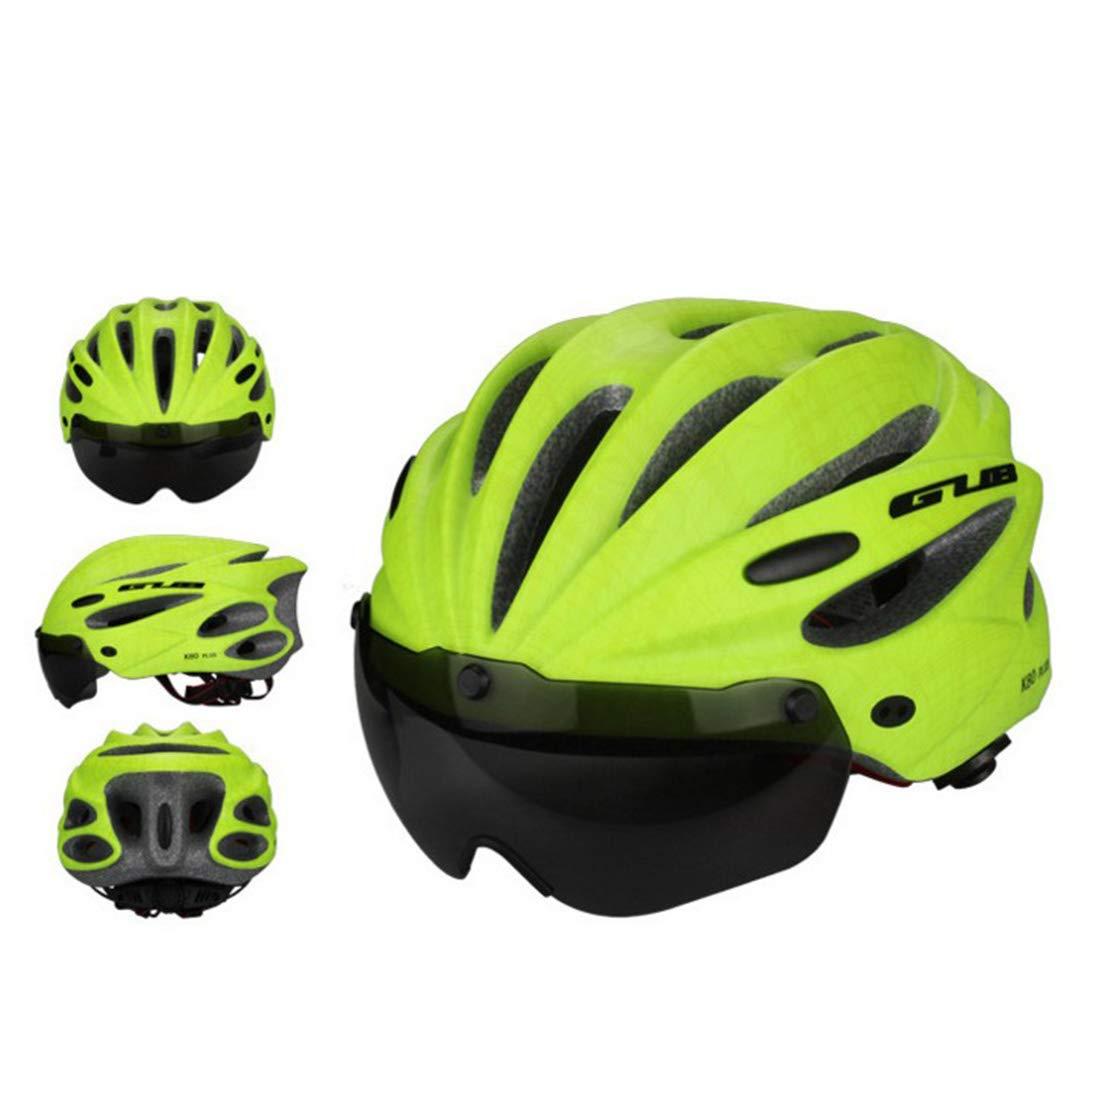 JESSIEKERVIN YY3 Fahrradhelm mit Brille integrierter Fahrradhelm magnetische Helmbrille für Outdoor-Radsportler